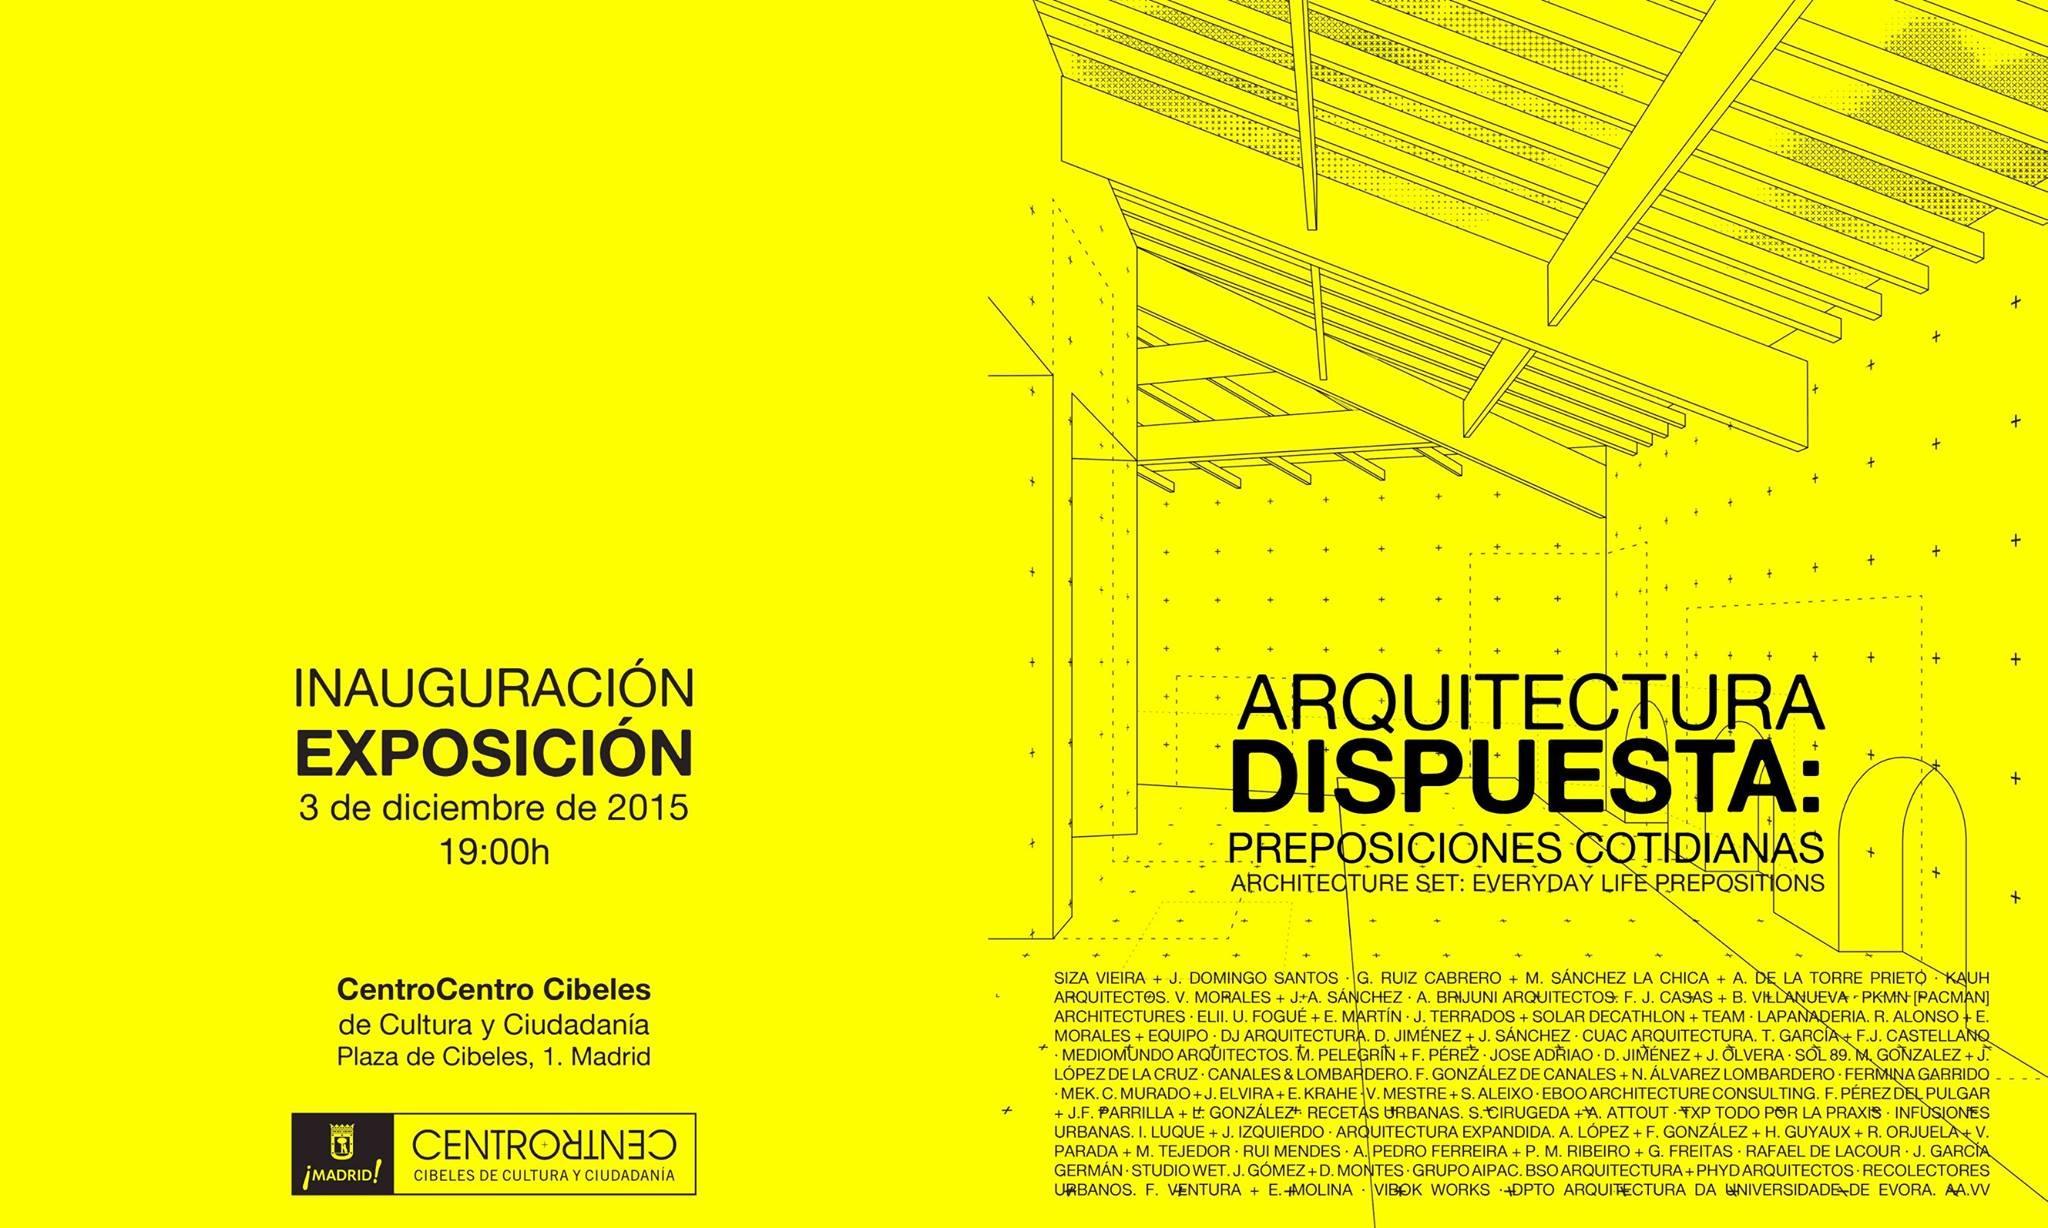 06_mediomundo arq_MADRID_ArquitecturaDispuesta